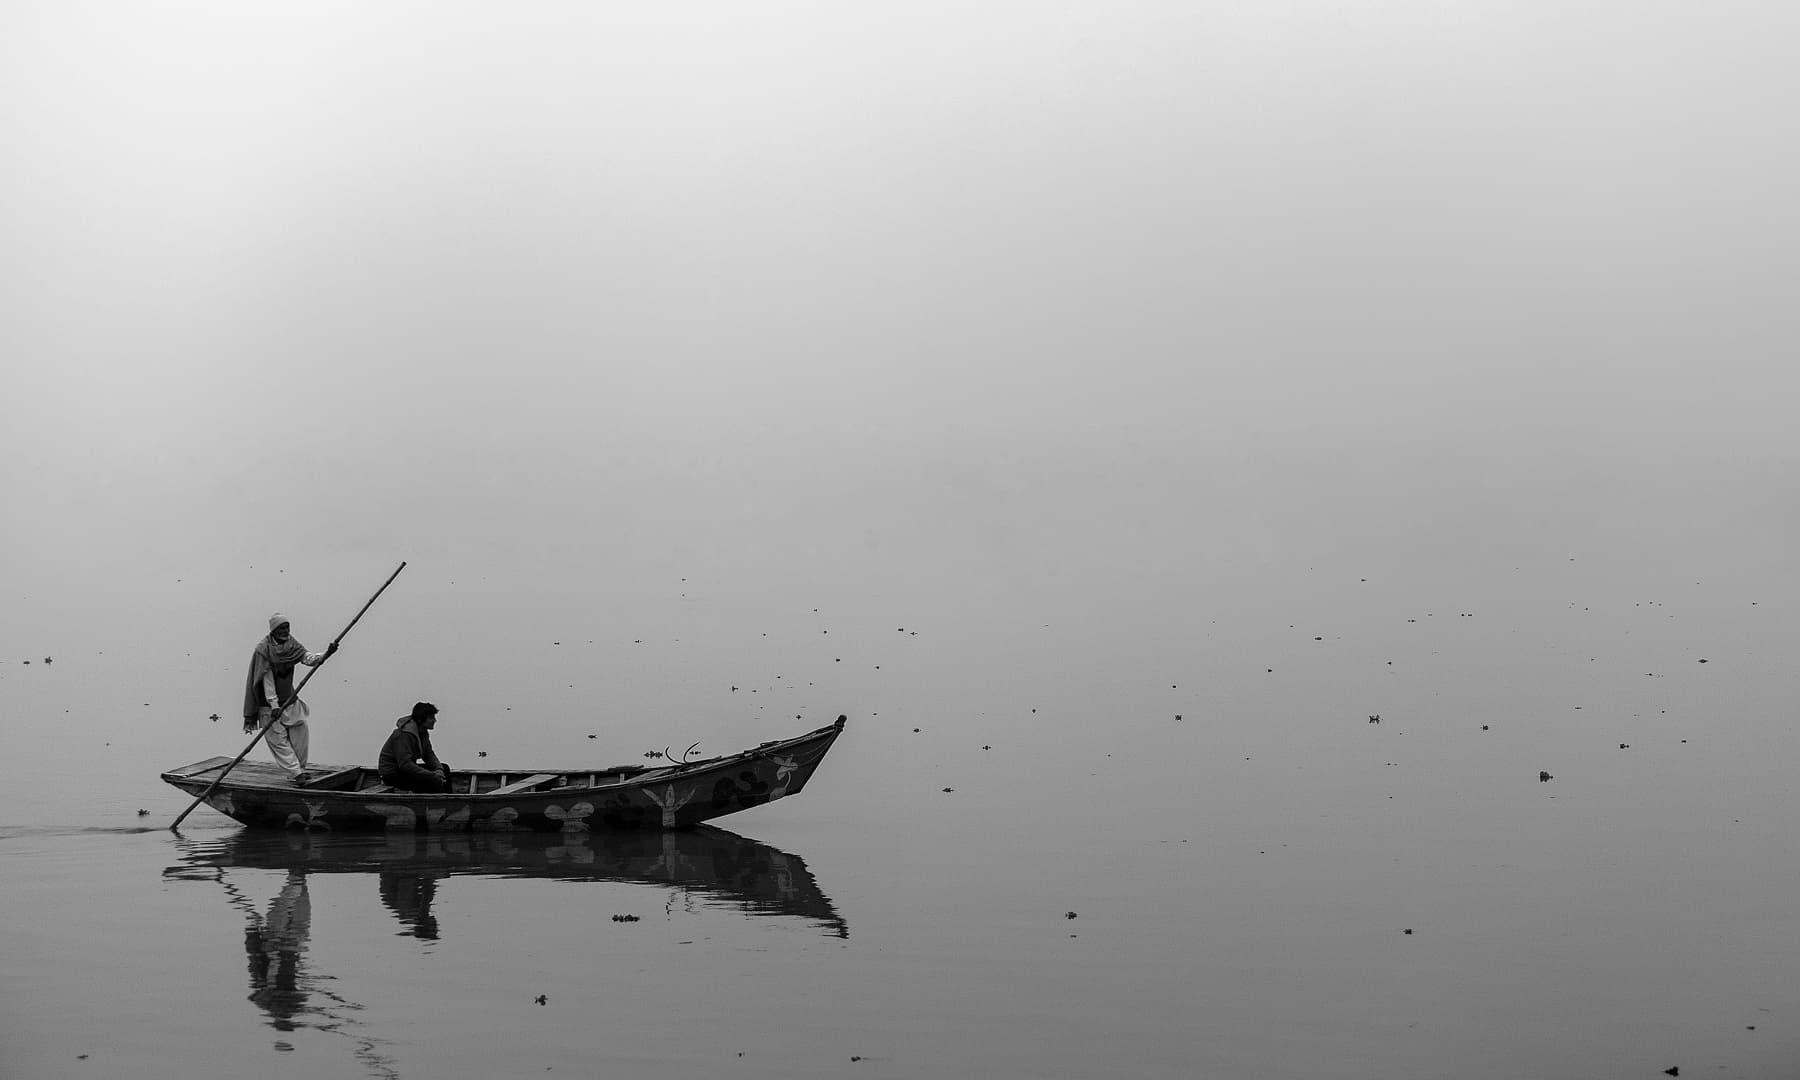 دھند سے لپٹے چناب میں کشتی رانی.— فوٹو سید مہدی بخاری۔